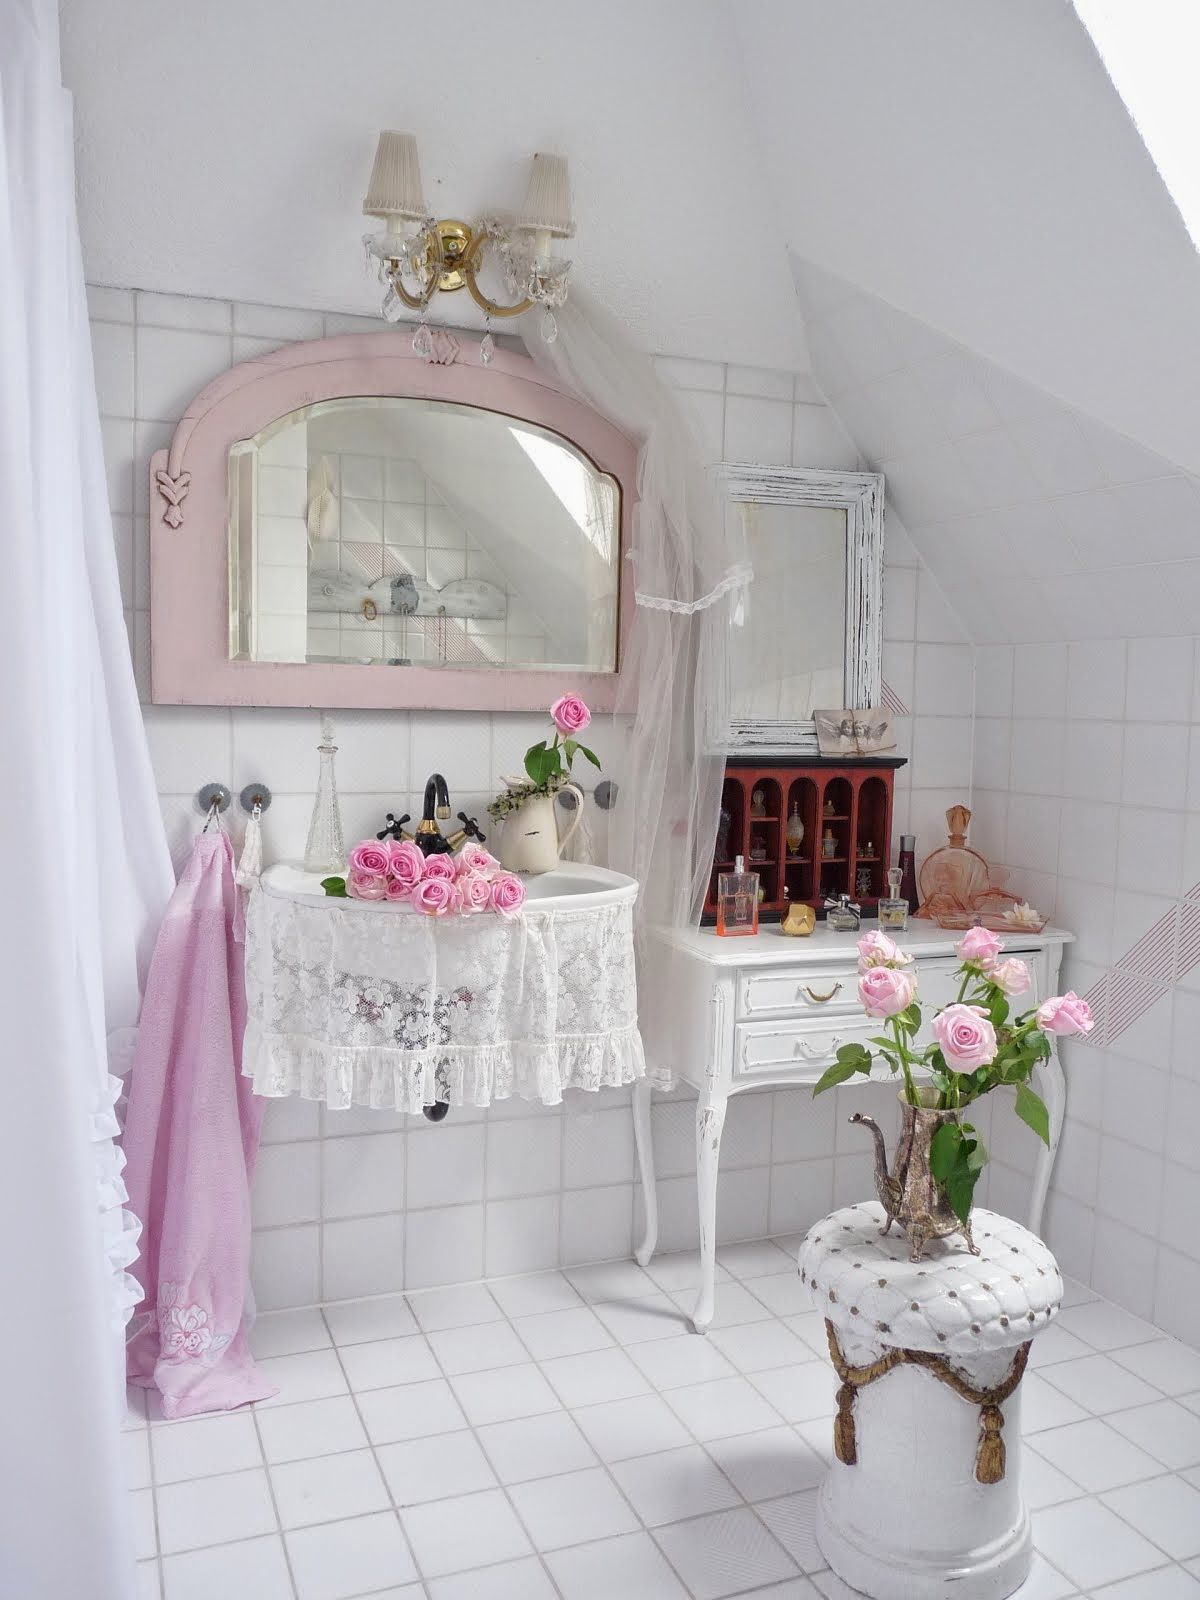 Shabby Chic | Vintage | Pinterest | Shabby chic, Badezimmer und ...